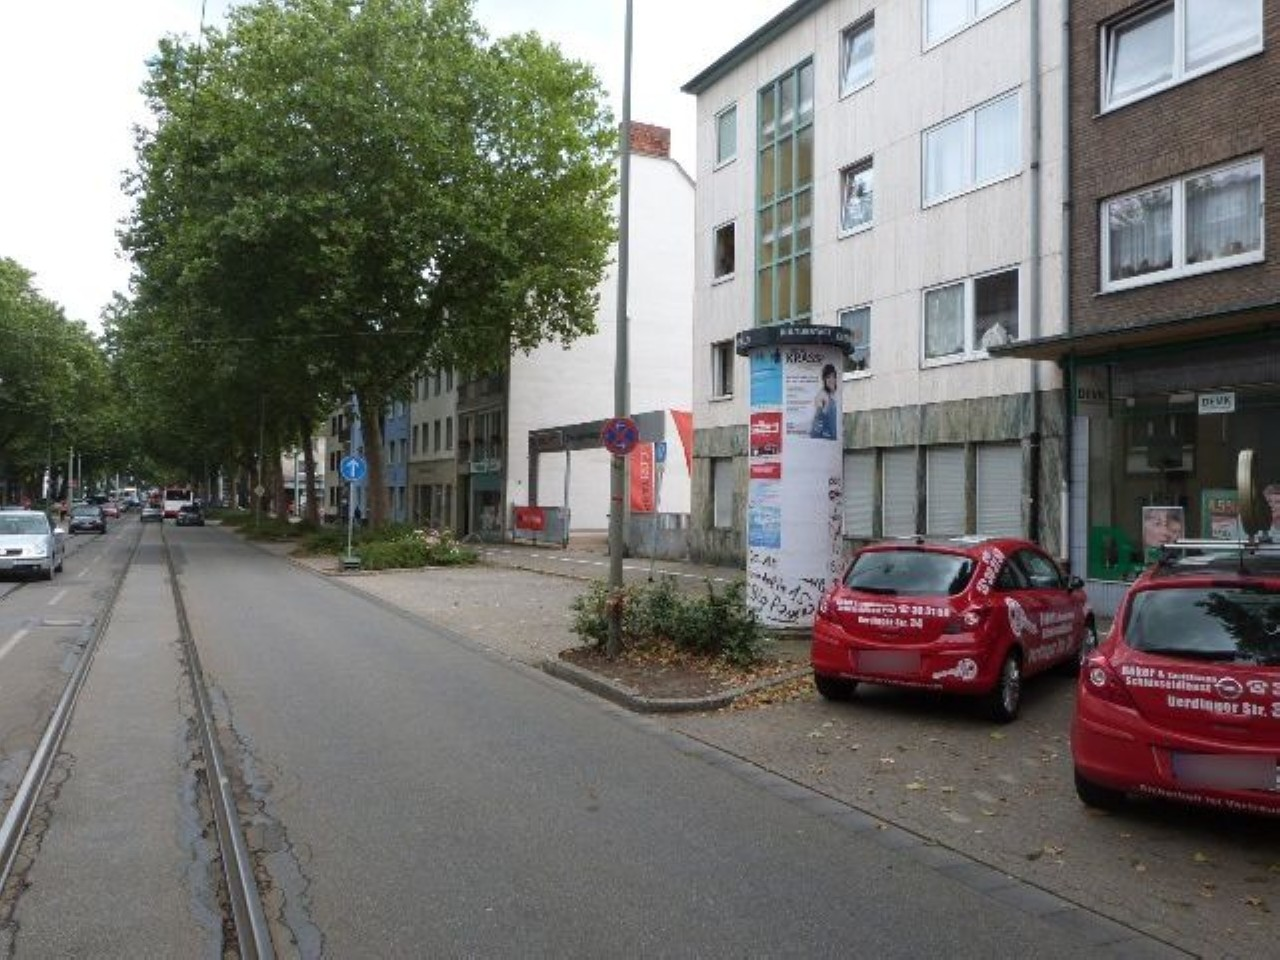 1-2-3-Plakat de/Kulturwerbung: Kultur-Werbung in 47803 Krefeld